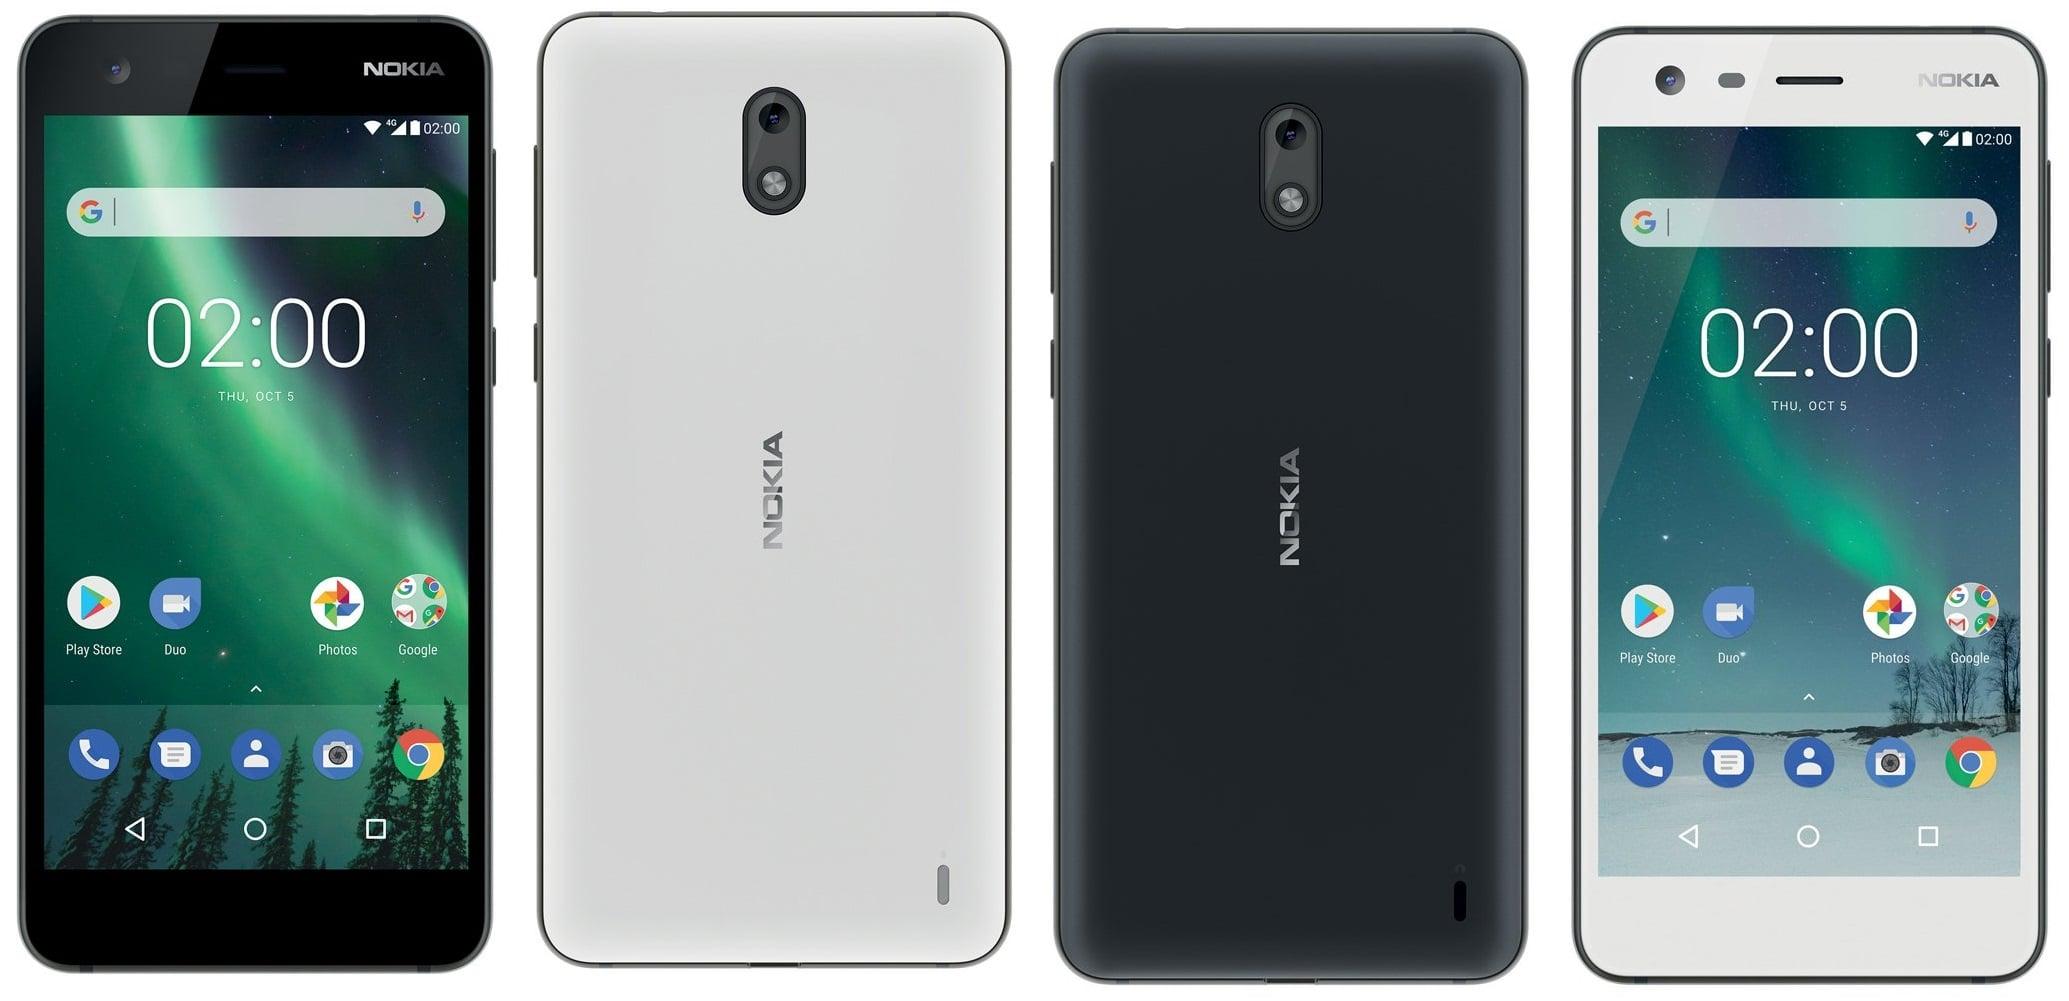 Nokia 2 w AnTuTu - niespodzianki nie ma, jest mocno przeciętnie 27